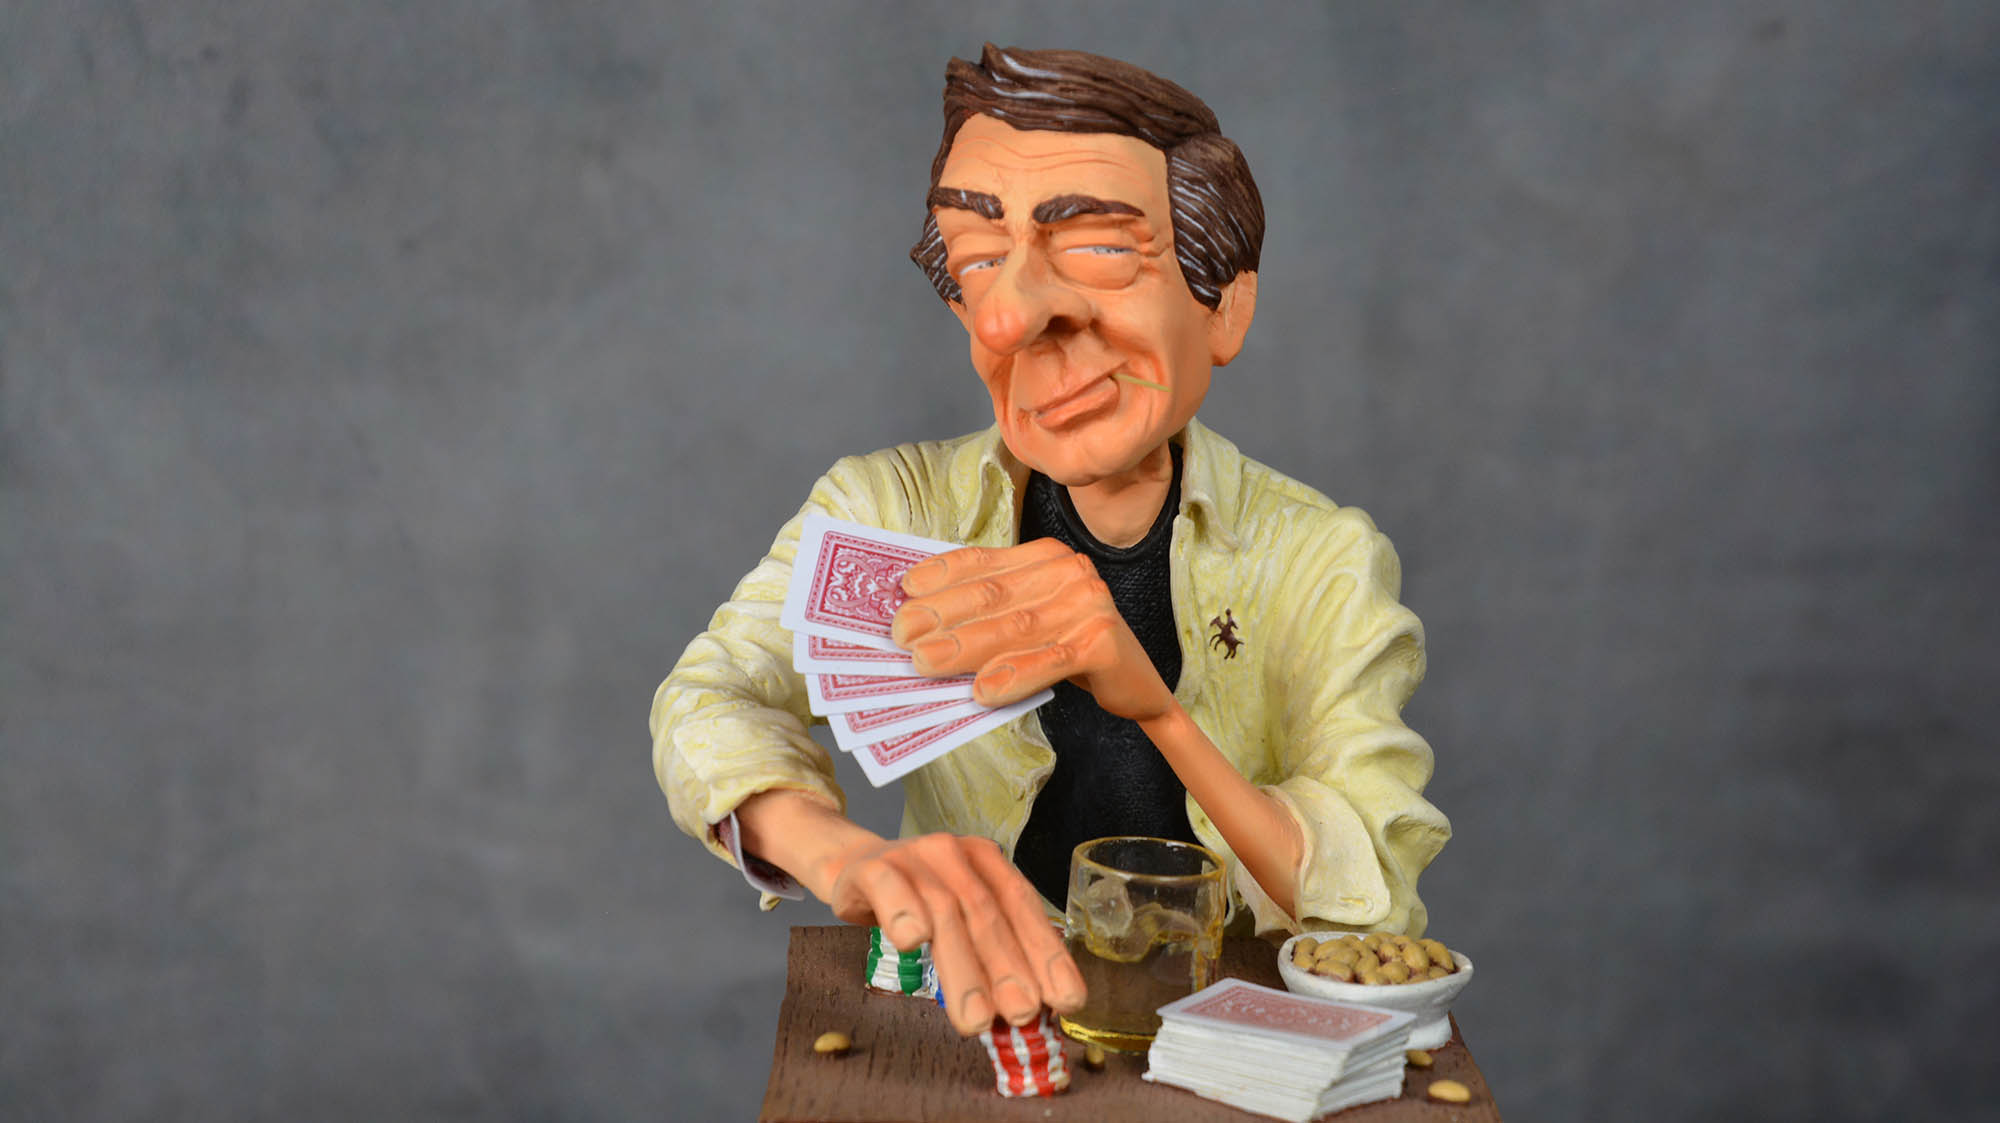 boutique figurine piece artisanale personnage joueur poker parodie